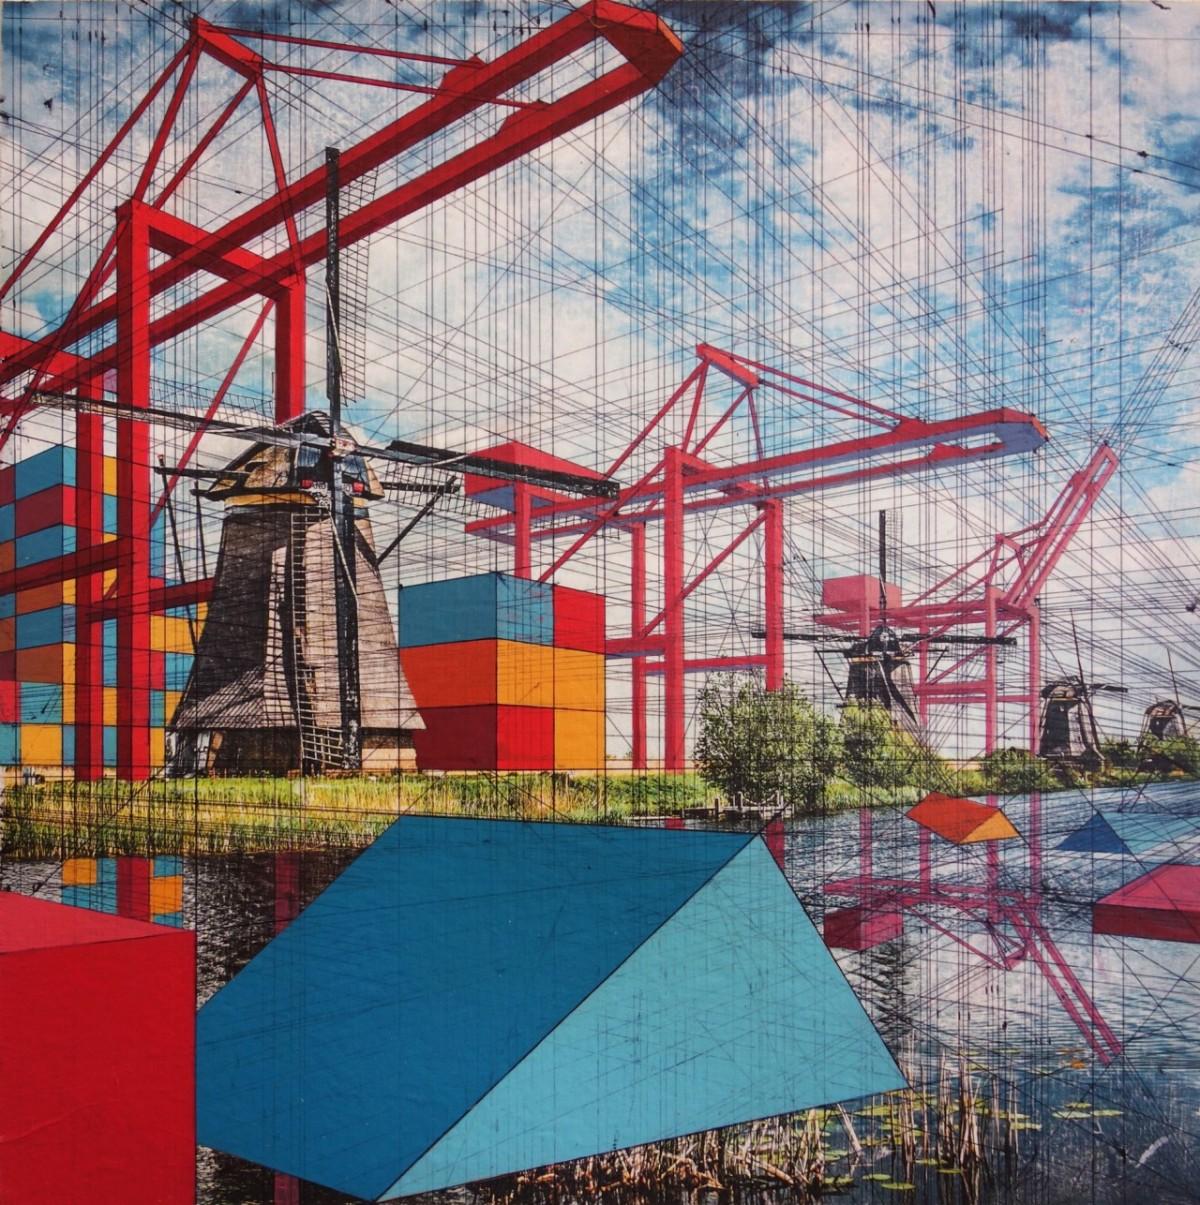 Arte e curiosità – Pittura – I paesaggi industrializzati di MaryIverson